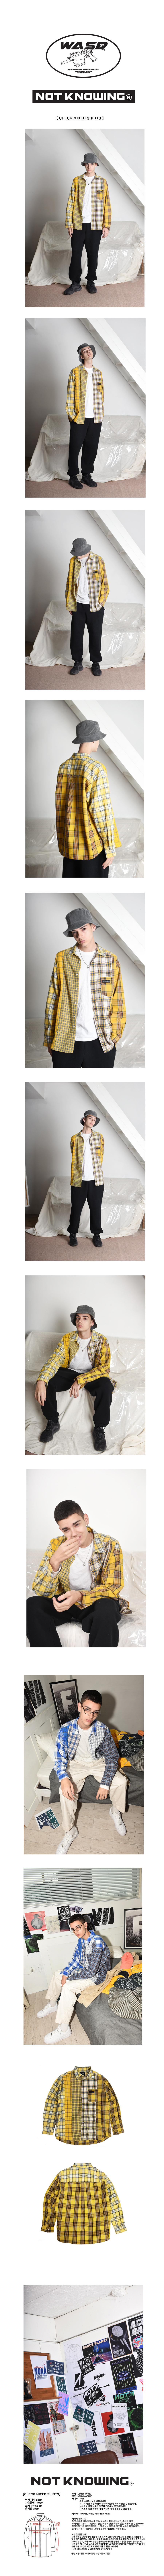 낫노잉(NOTKNOWING) 노잉 체크 믹스 셔츠 (옐로우)